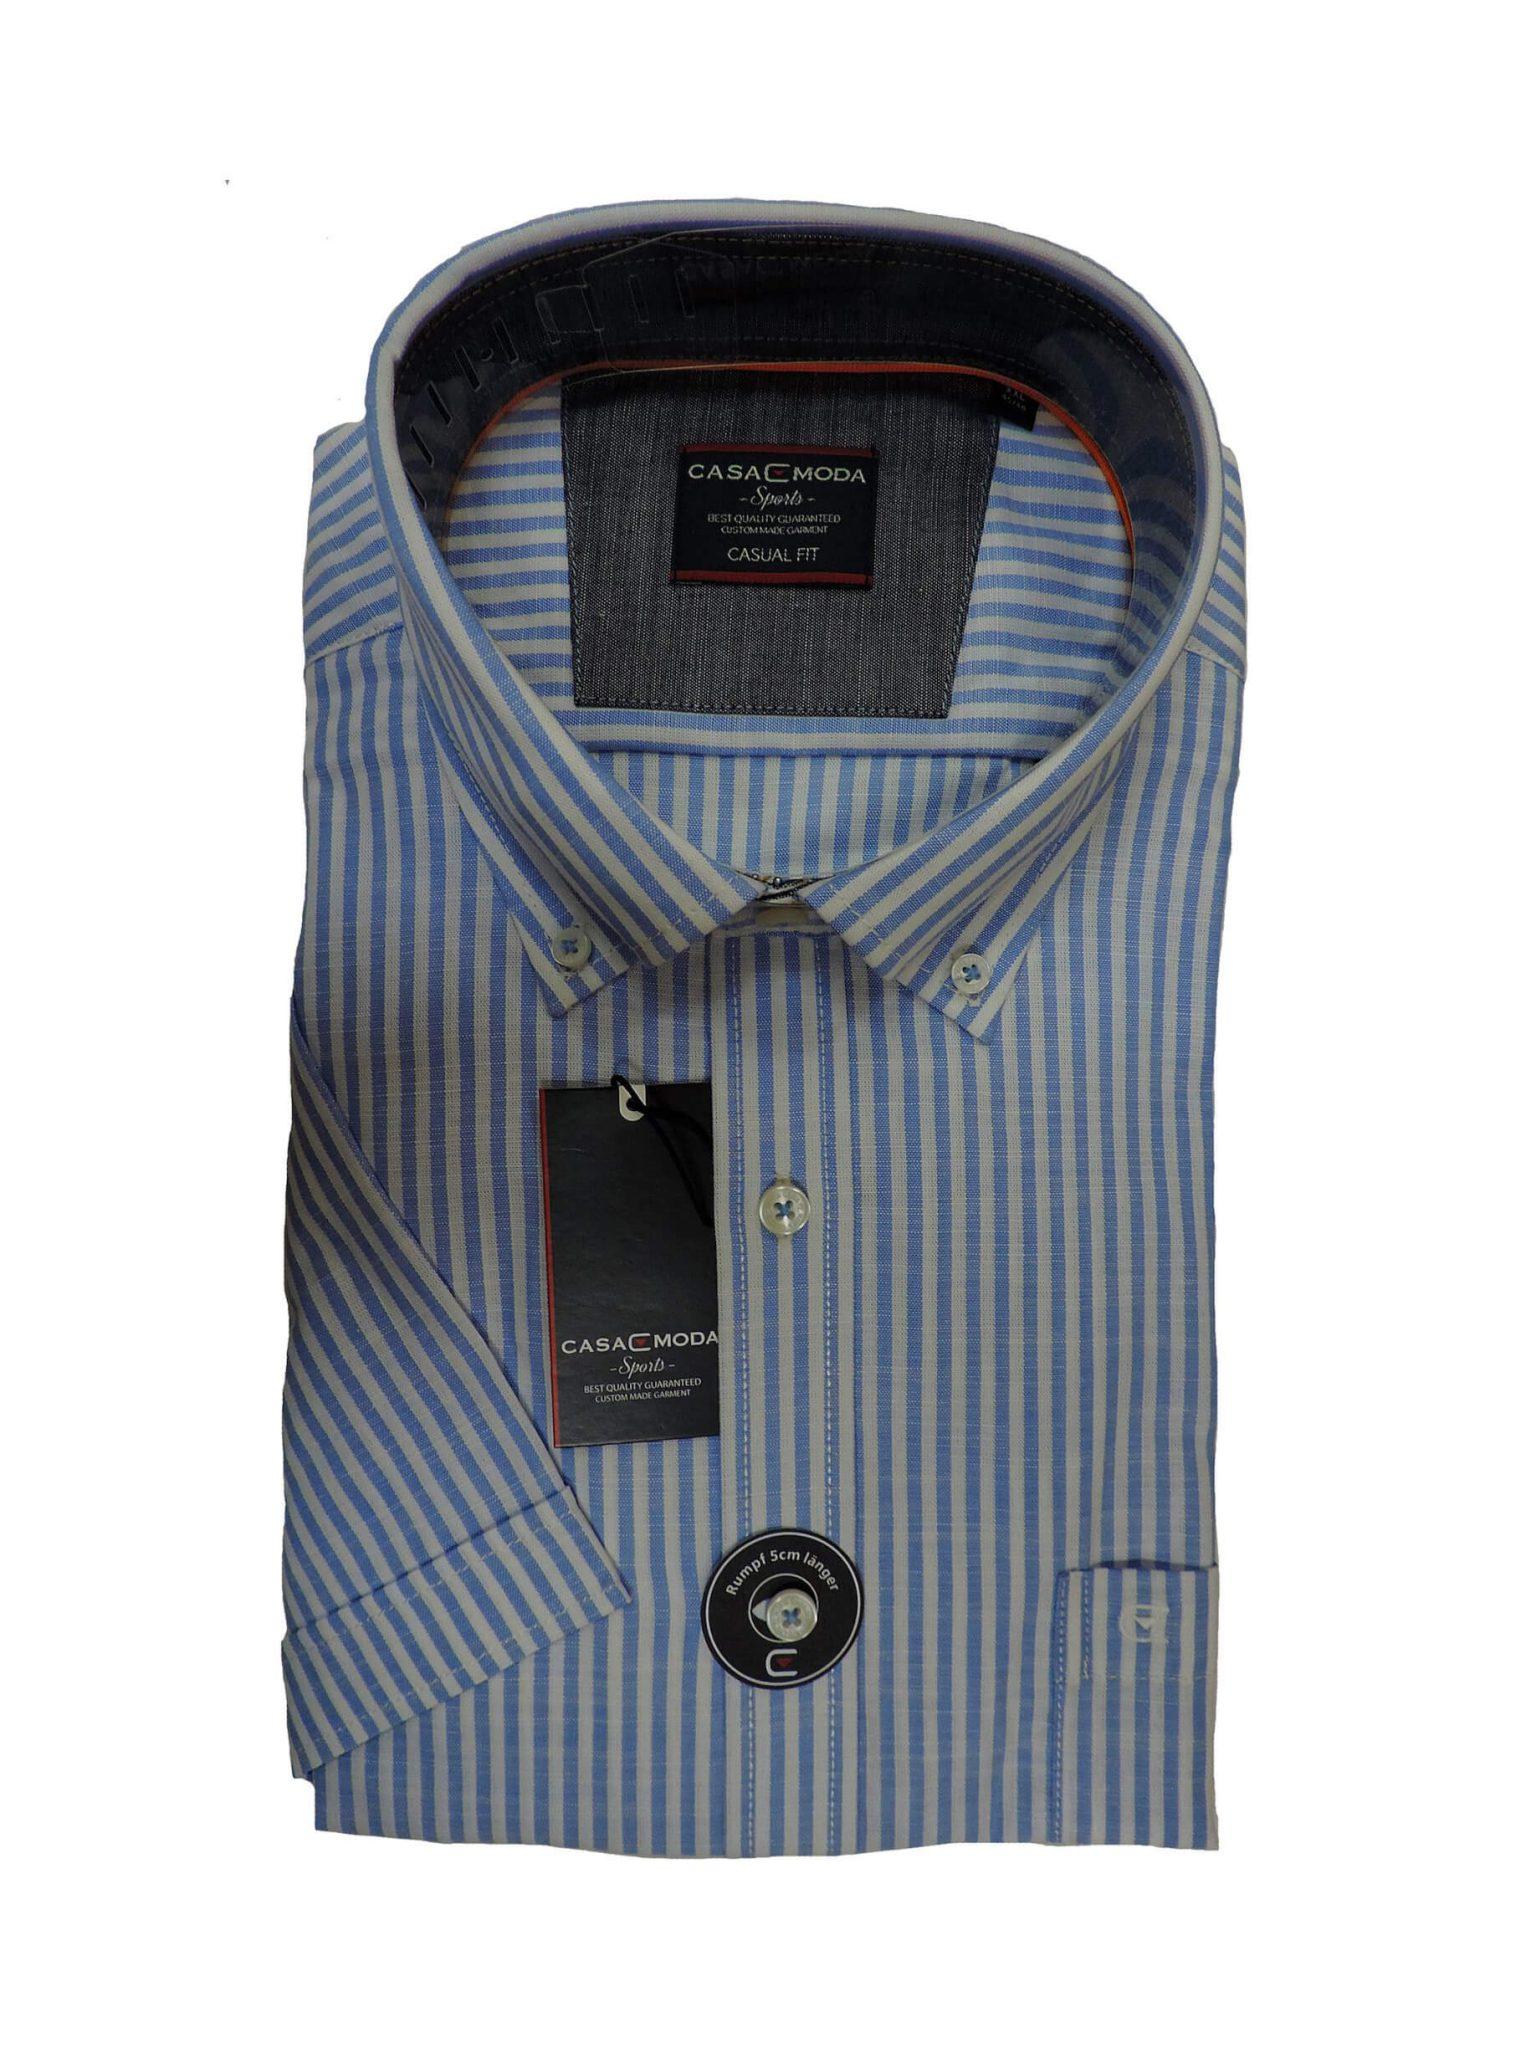 Wit Linnen Overhemd Korte Mouw.Grote Maat Casa Moda Overhemd Blauw En Wit Linnen Look